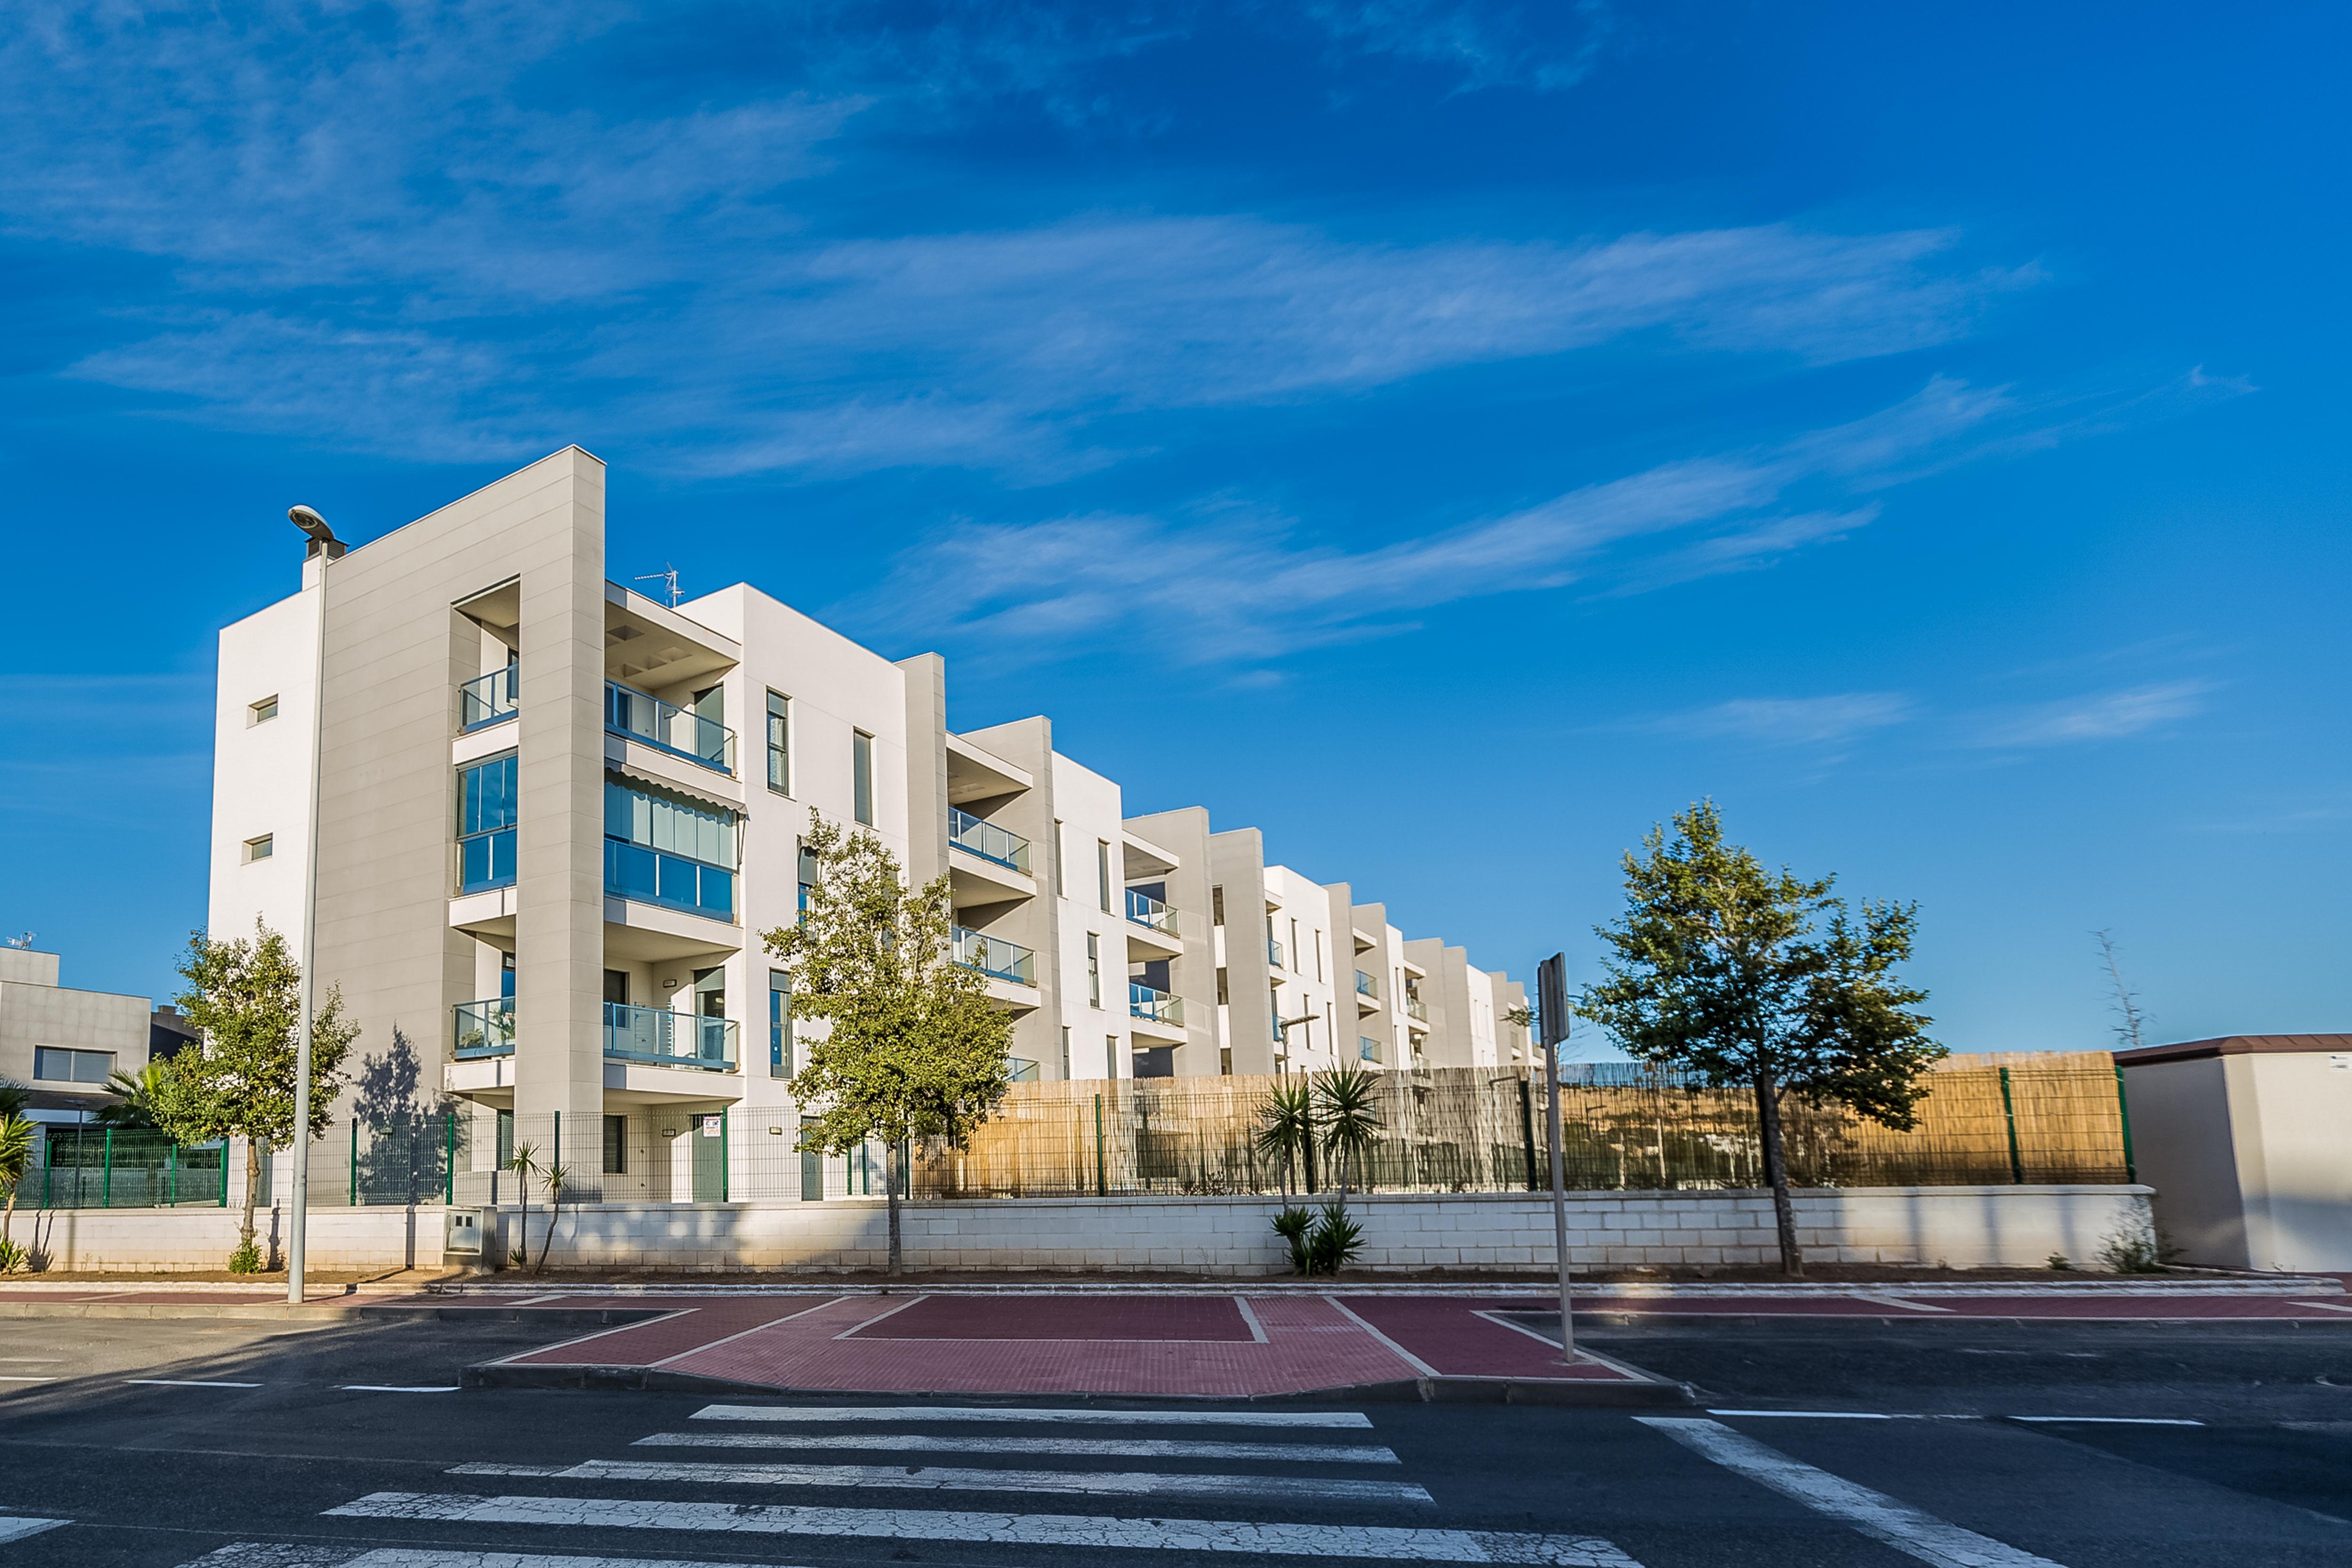 Piso en venta en Piso en El Ejido, Almería, 125.000 €, 2 habitaciones, 1 baño, 68 m2, Garaje